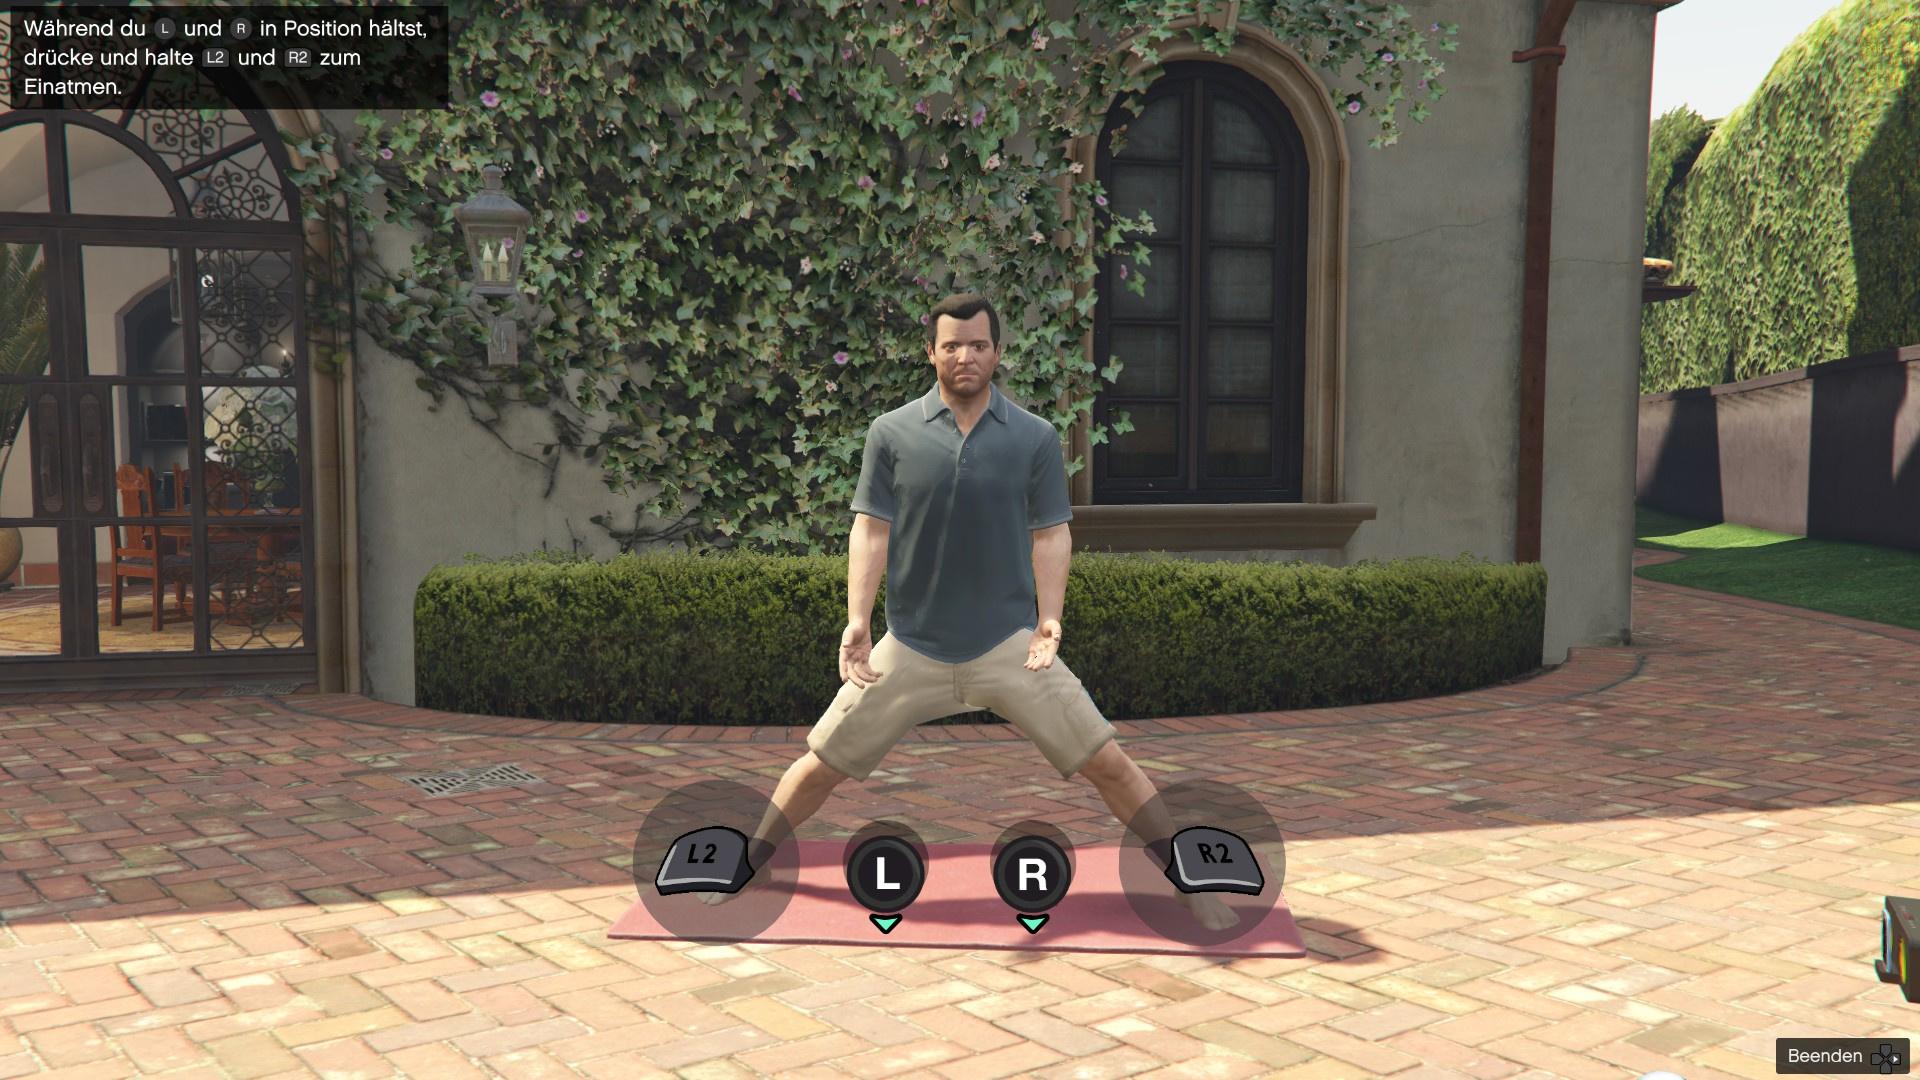 PS3 Gamepad Icons - GTA5-Mods com